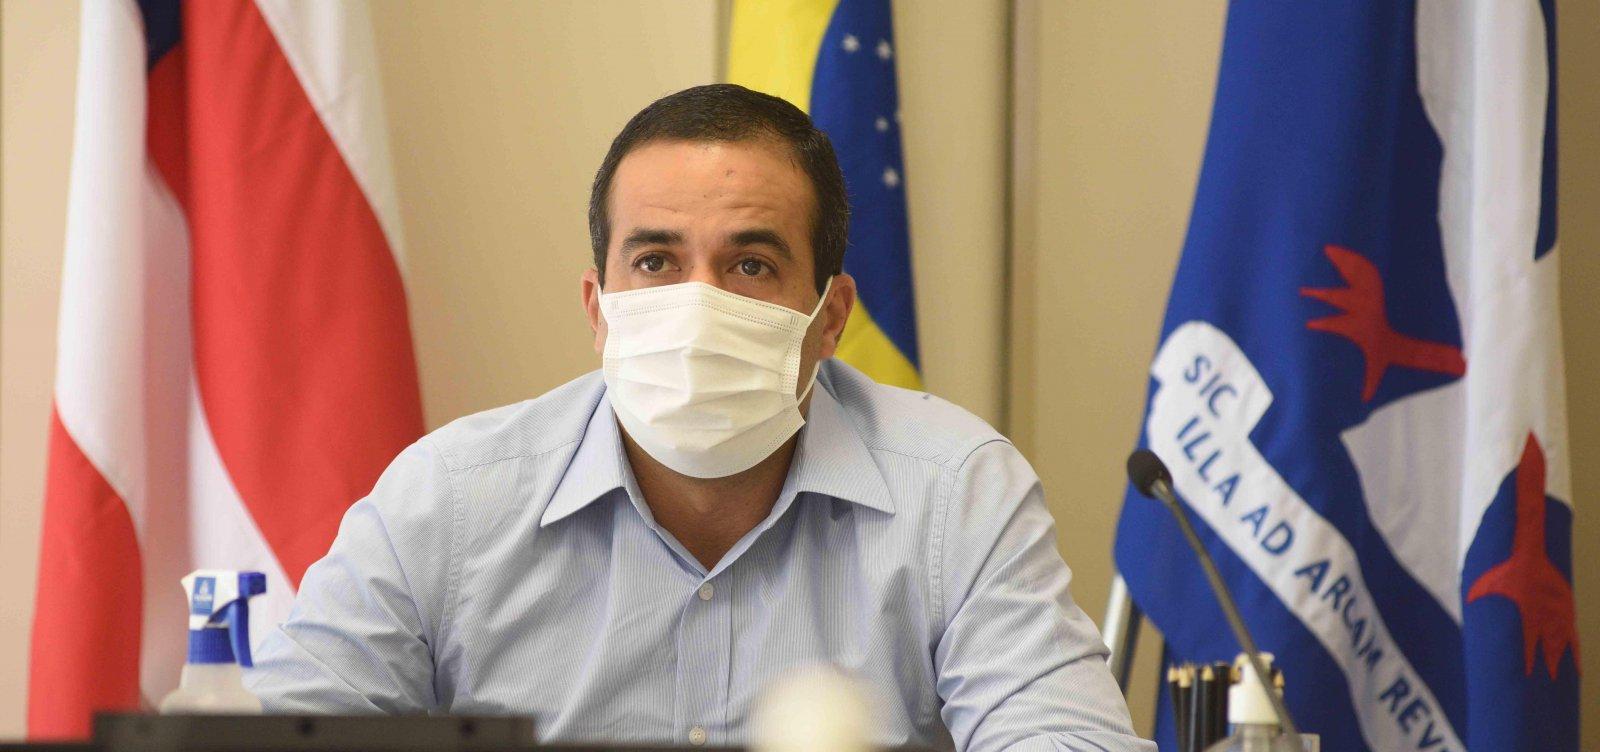 Salvador vive pior momento da pandemia, diz Bruno Reis; vacinas devem chegar dia 23